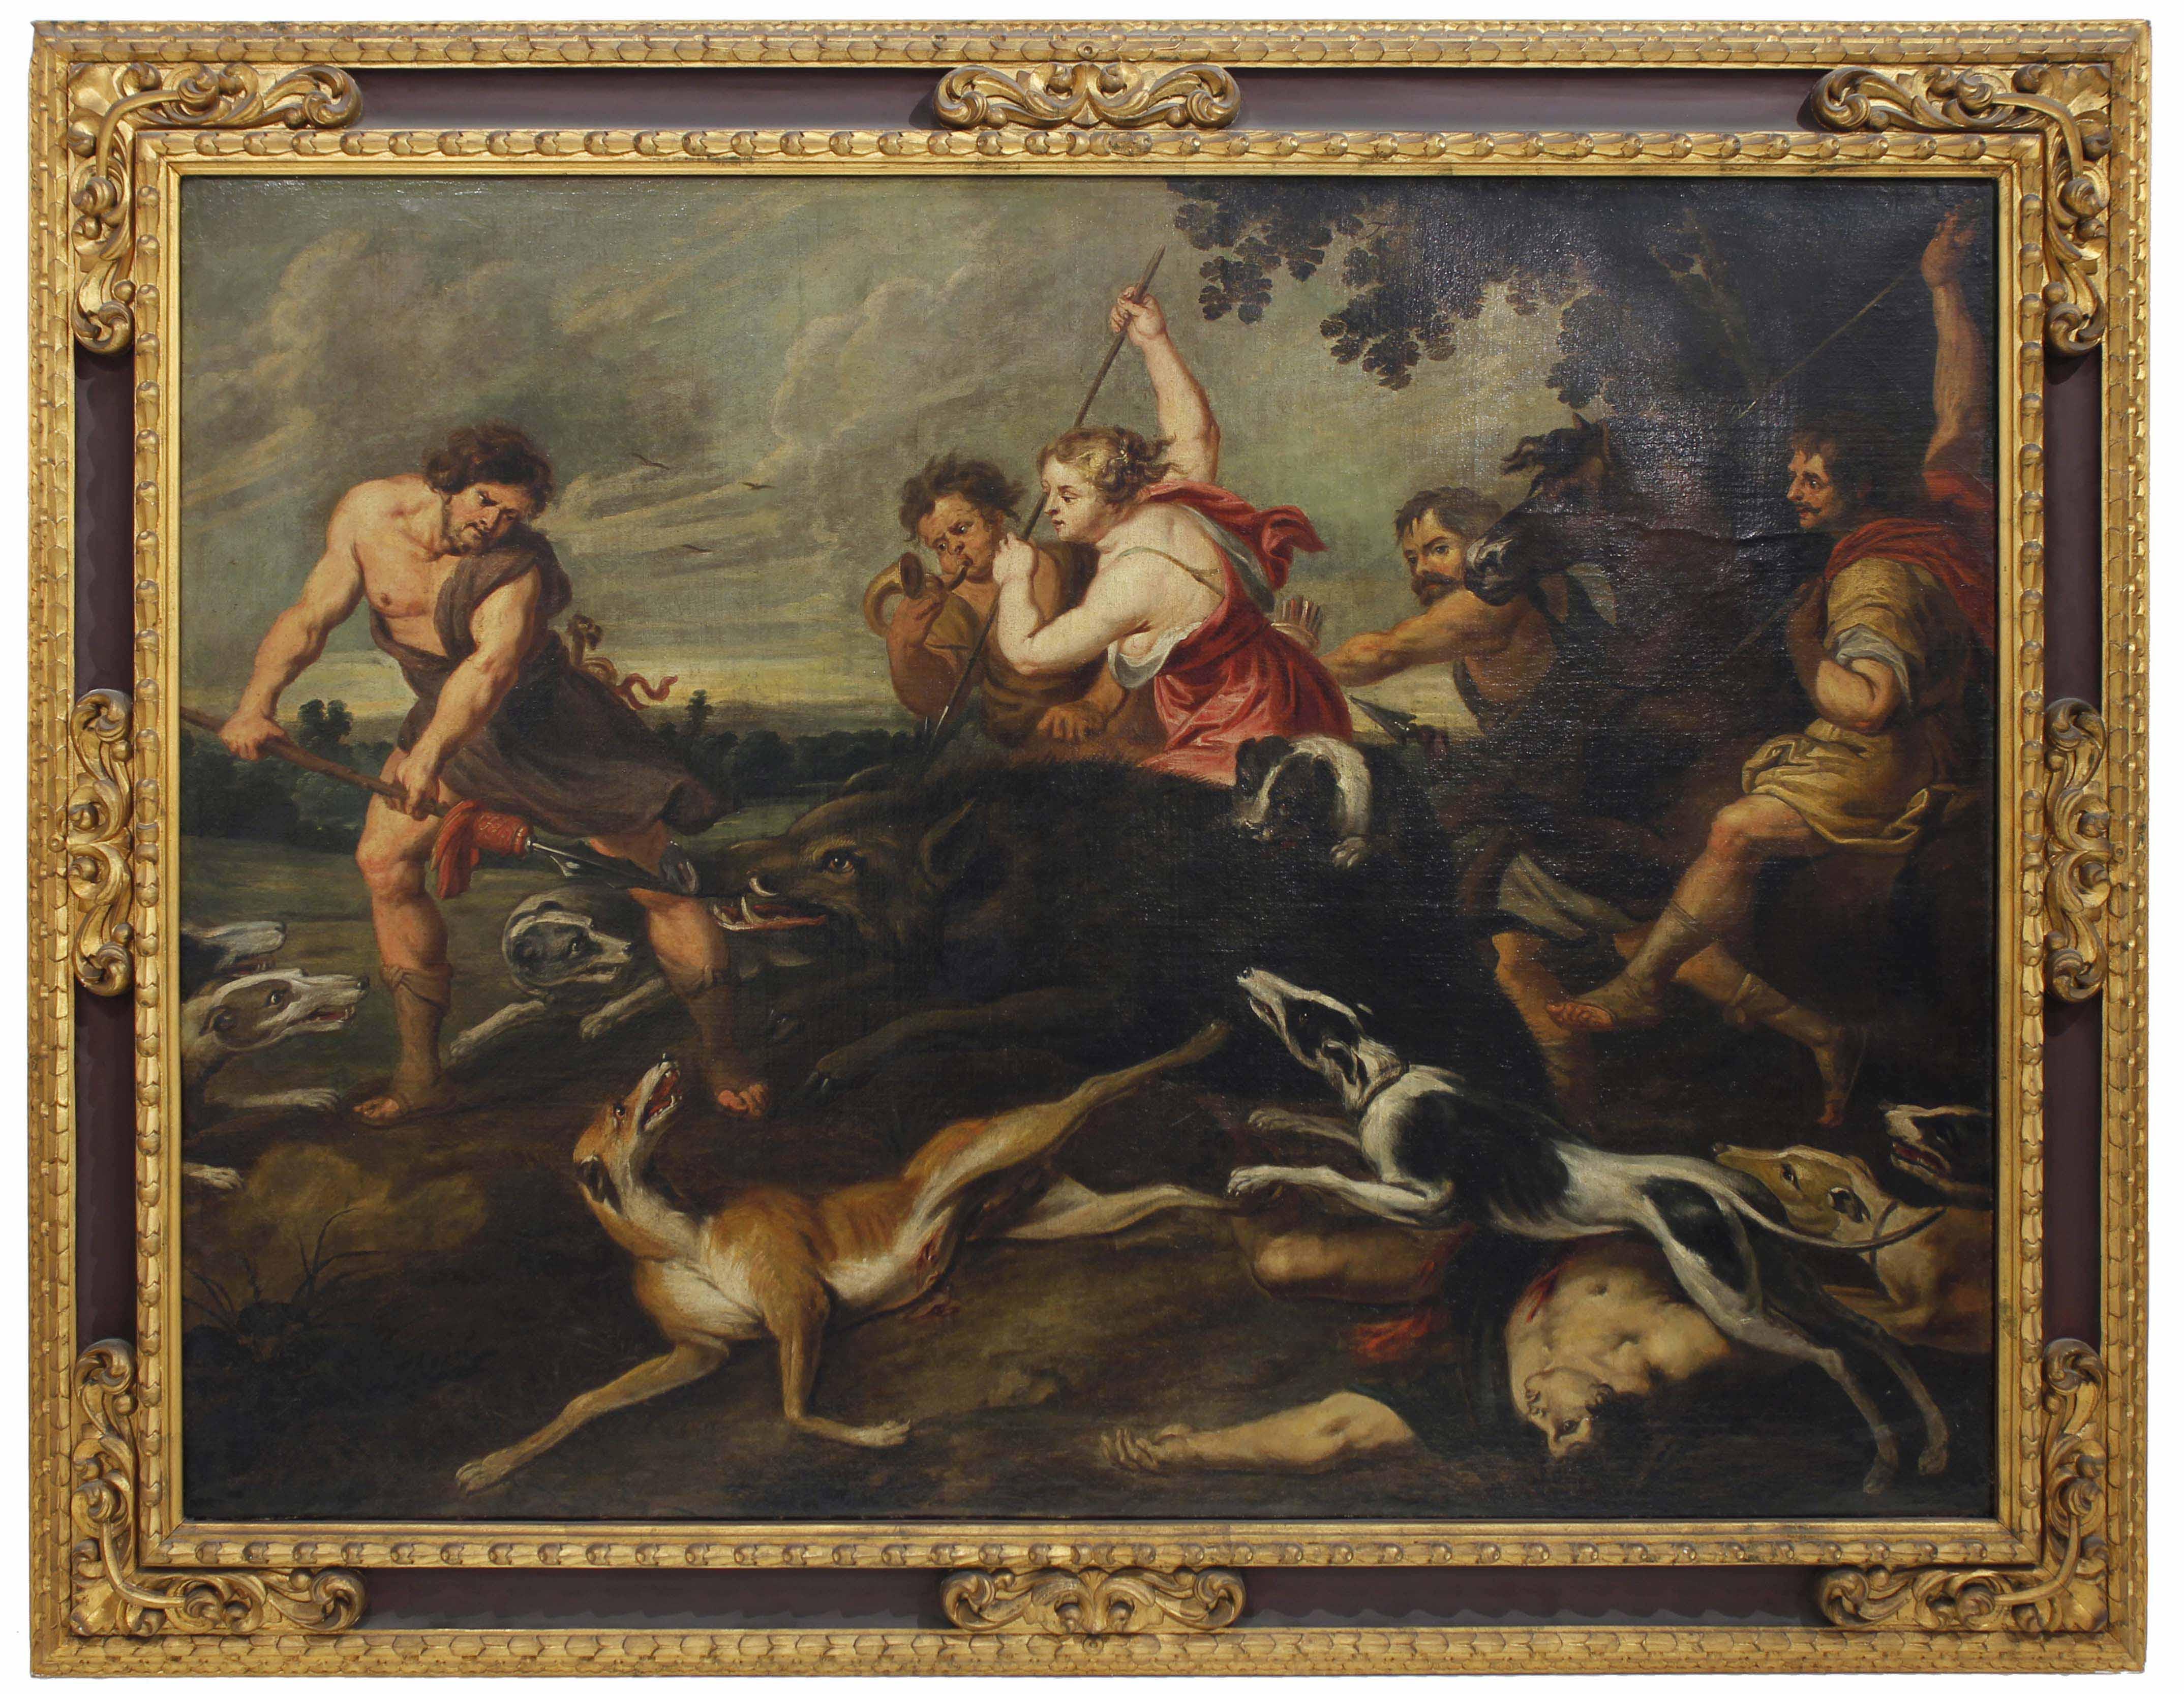 """VINCENT MALO (1606/1607-1650). """"ATALANTA Y MELEAGRO CAZANDO"""